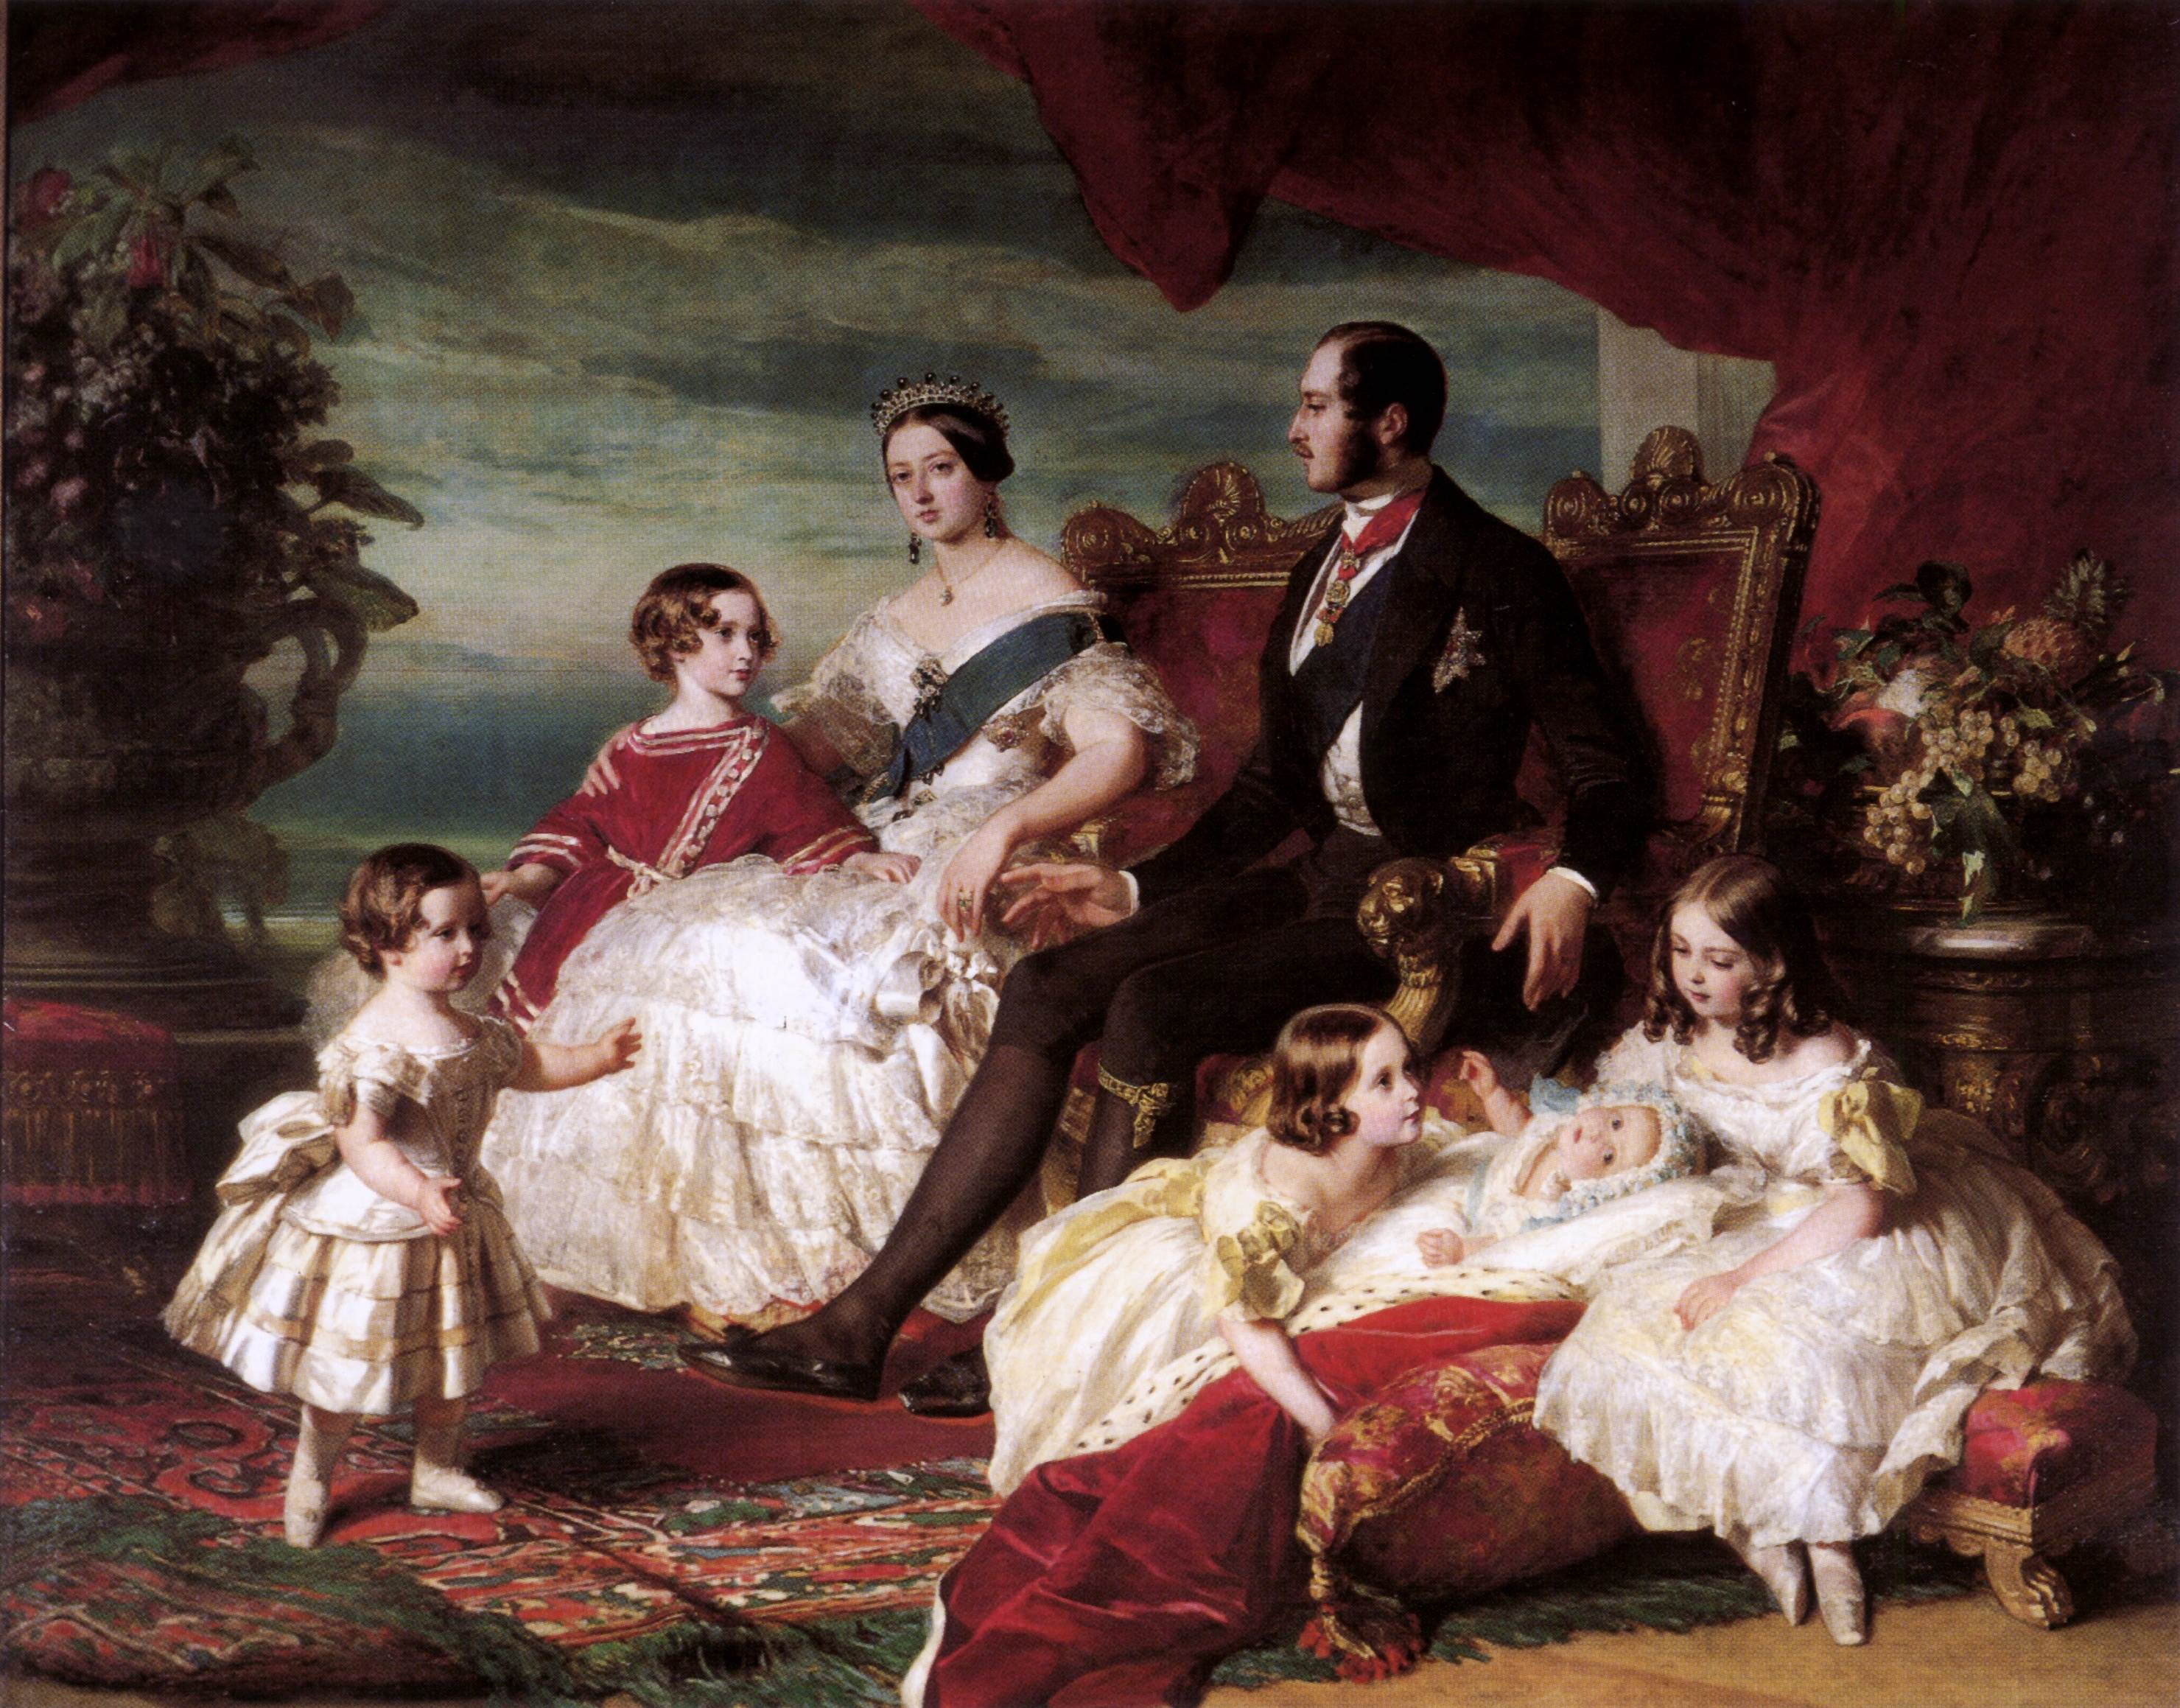 Tradizioni e superstizioni  il colore dell abito da sposa - Weddings 0182568c49b